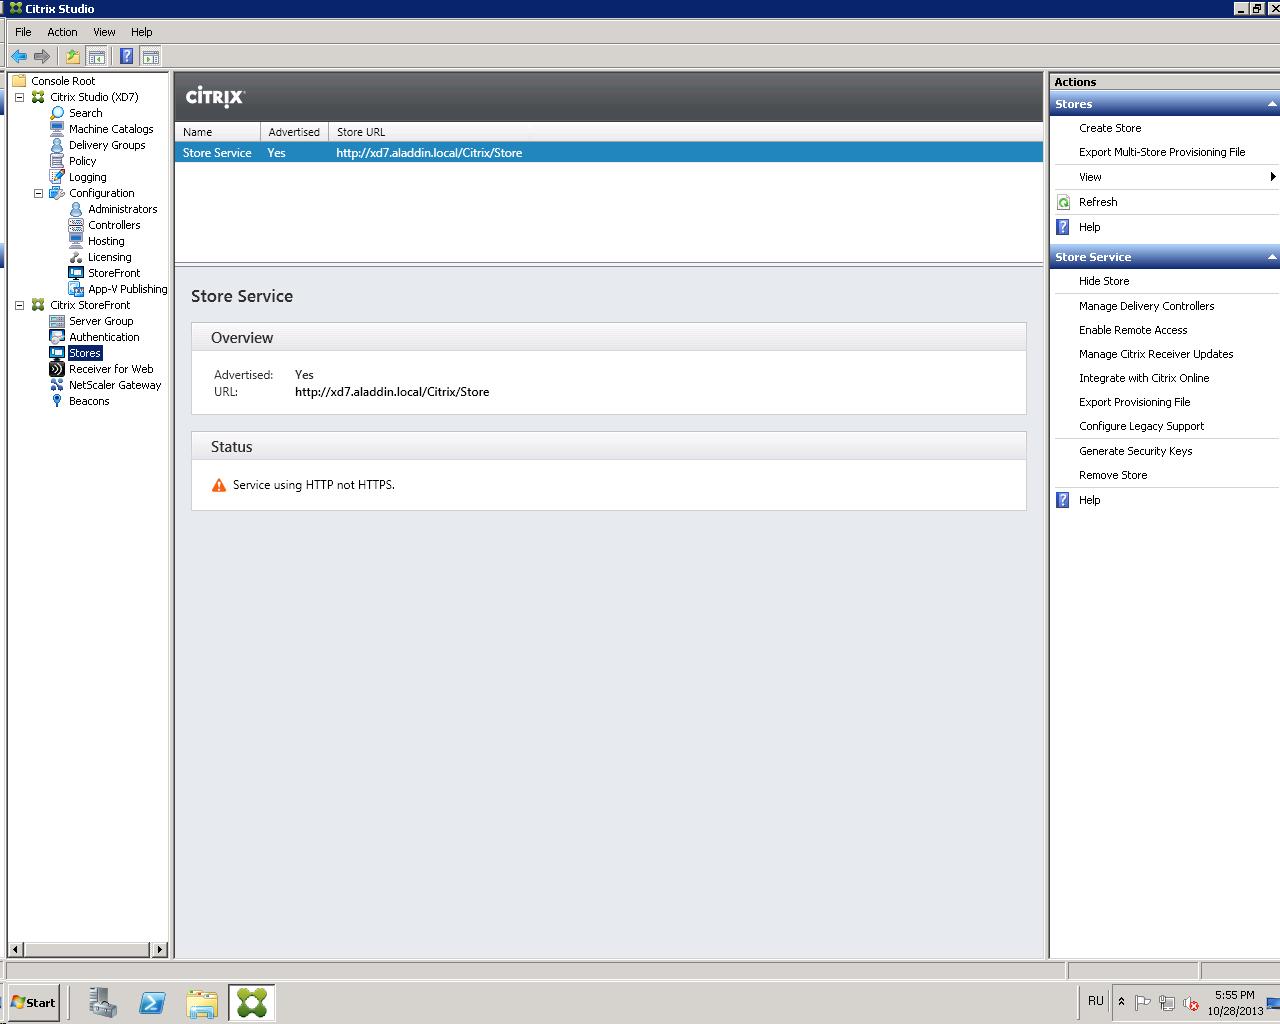 Настройка аутентификации в Citrix XenDesktop 7.x c использованием смарт-карт JaCarta PKI - 40